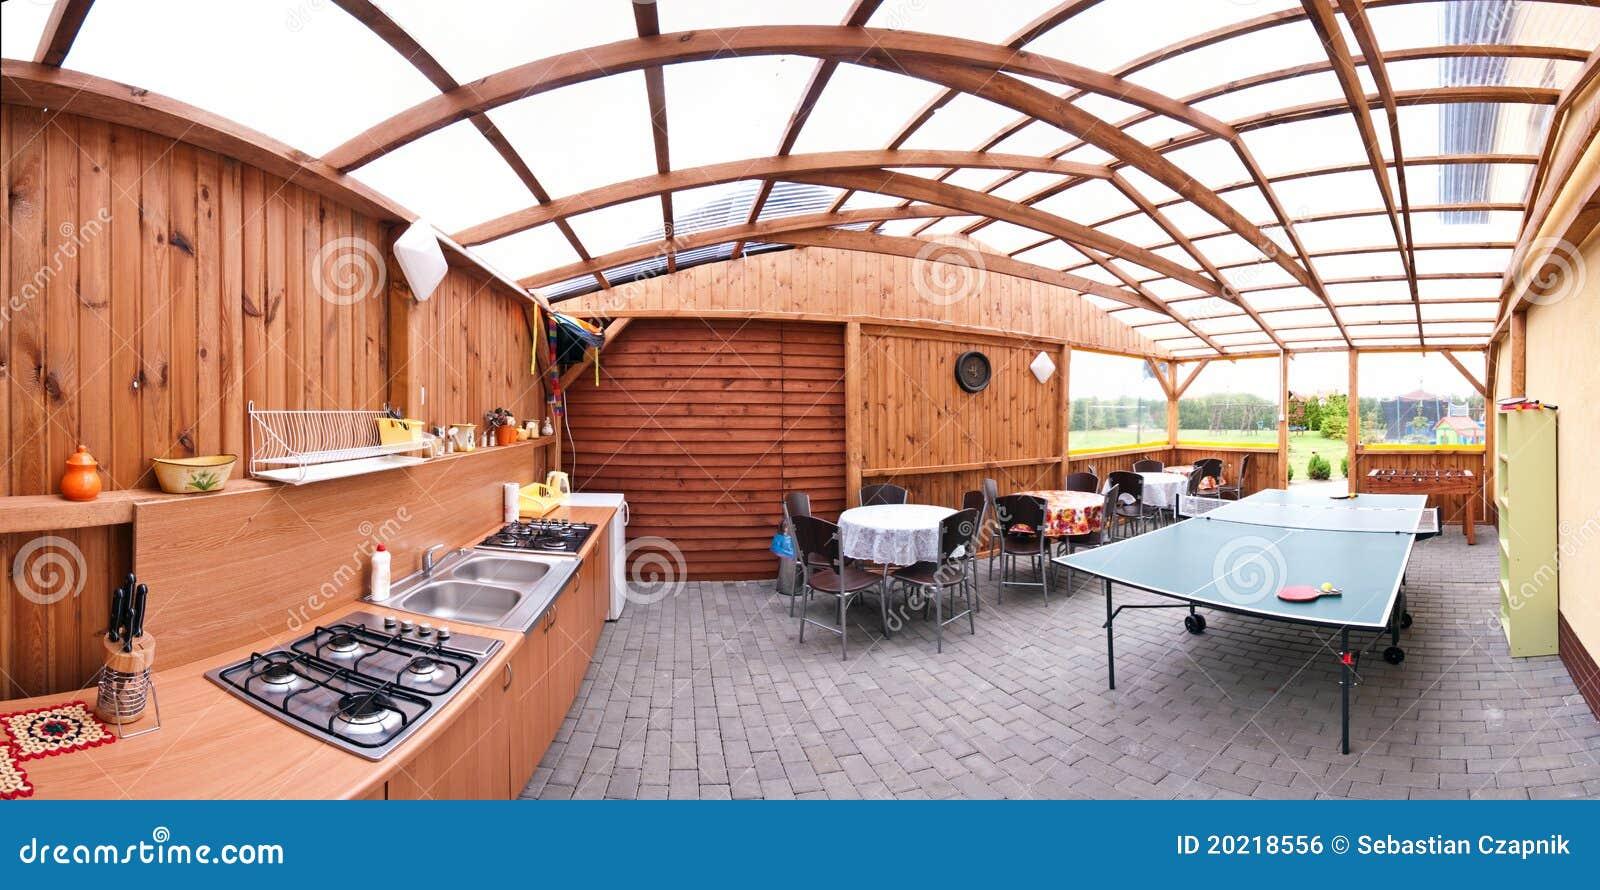 Cocina al aire libre foto de archivo. Imagen de europa - 20218556